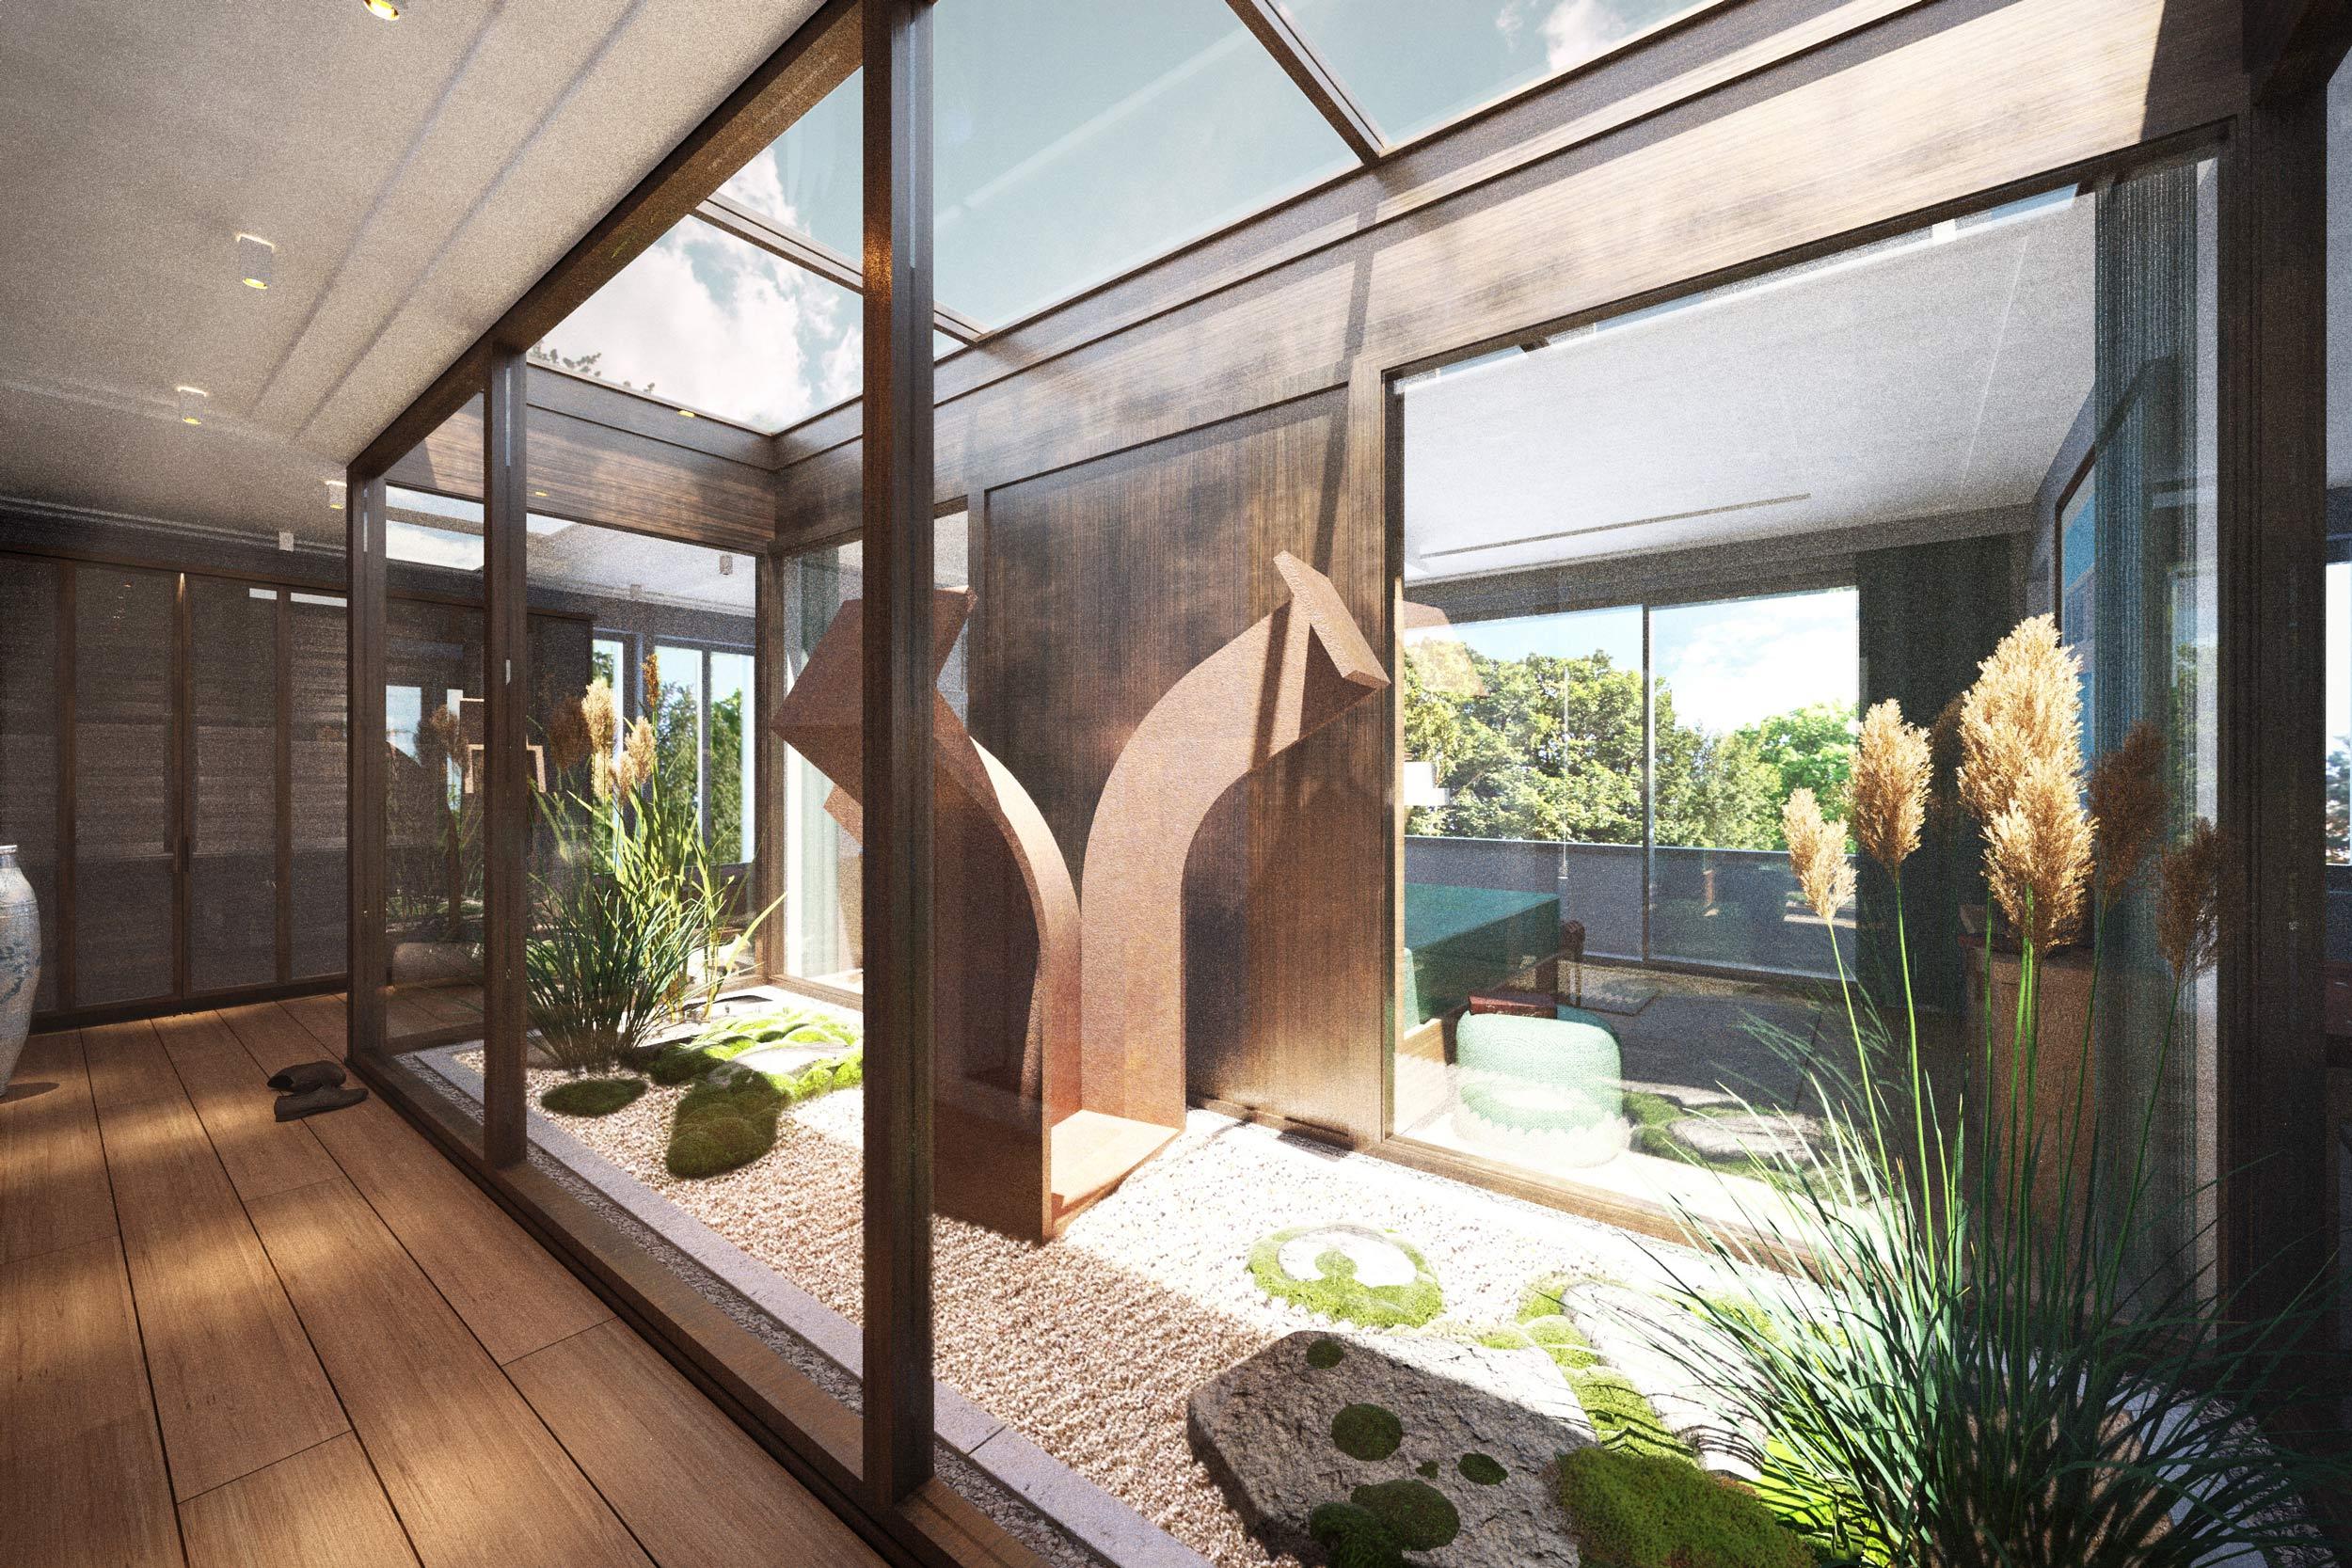 HAUS AM HAUS - Erweiterung einer Dahlemer Stadtvilla - Der Masterbereich erstreckt sich über eine ganze Etage und wird durch ein Atrium belichtet.